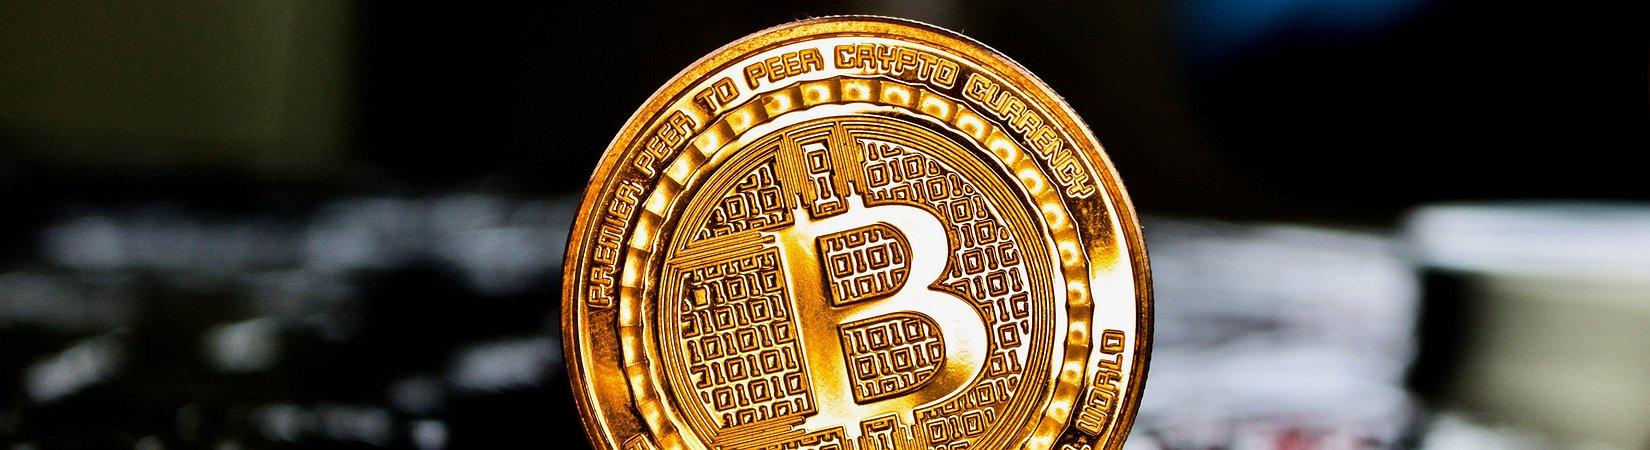 Il bitcoin ha raggiunto nuovi massimi, superata quota 2.100 $